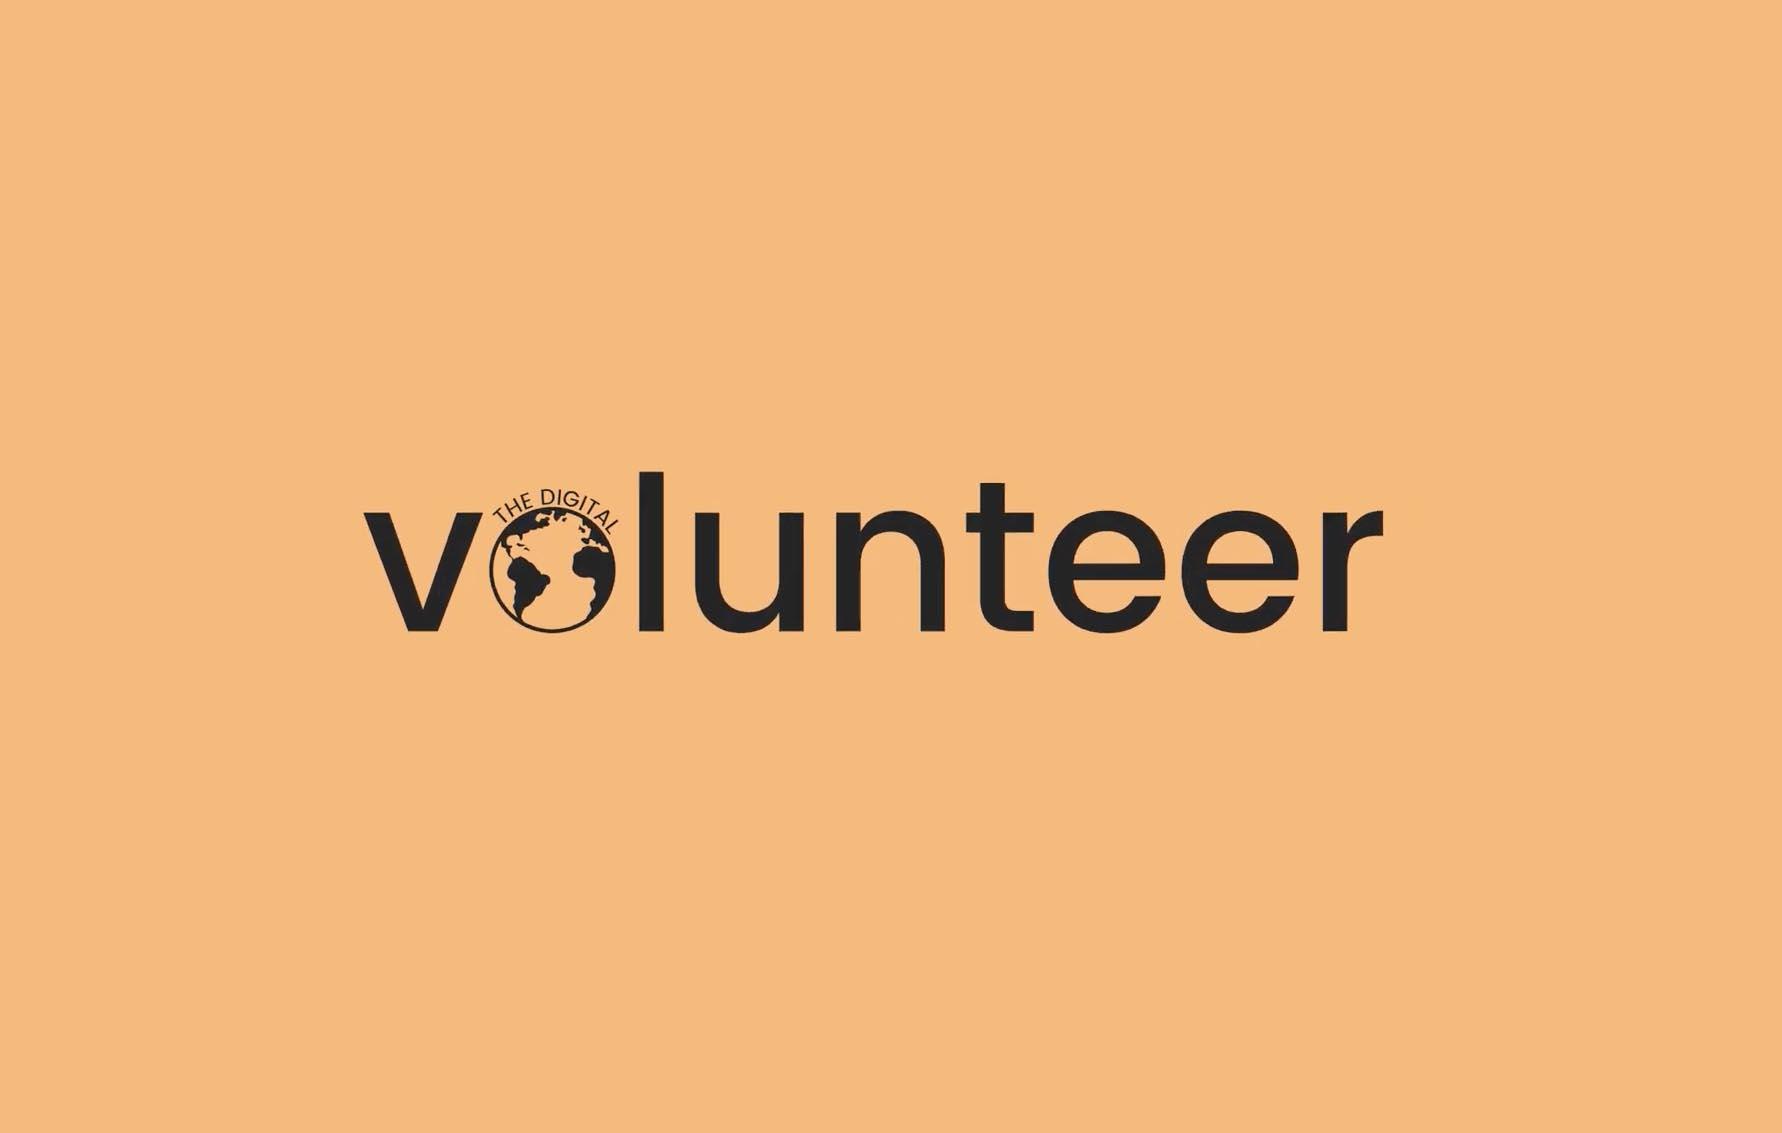 The Digital Volunteer